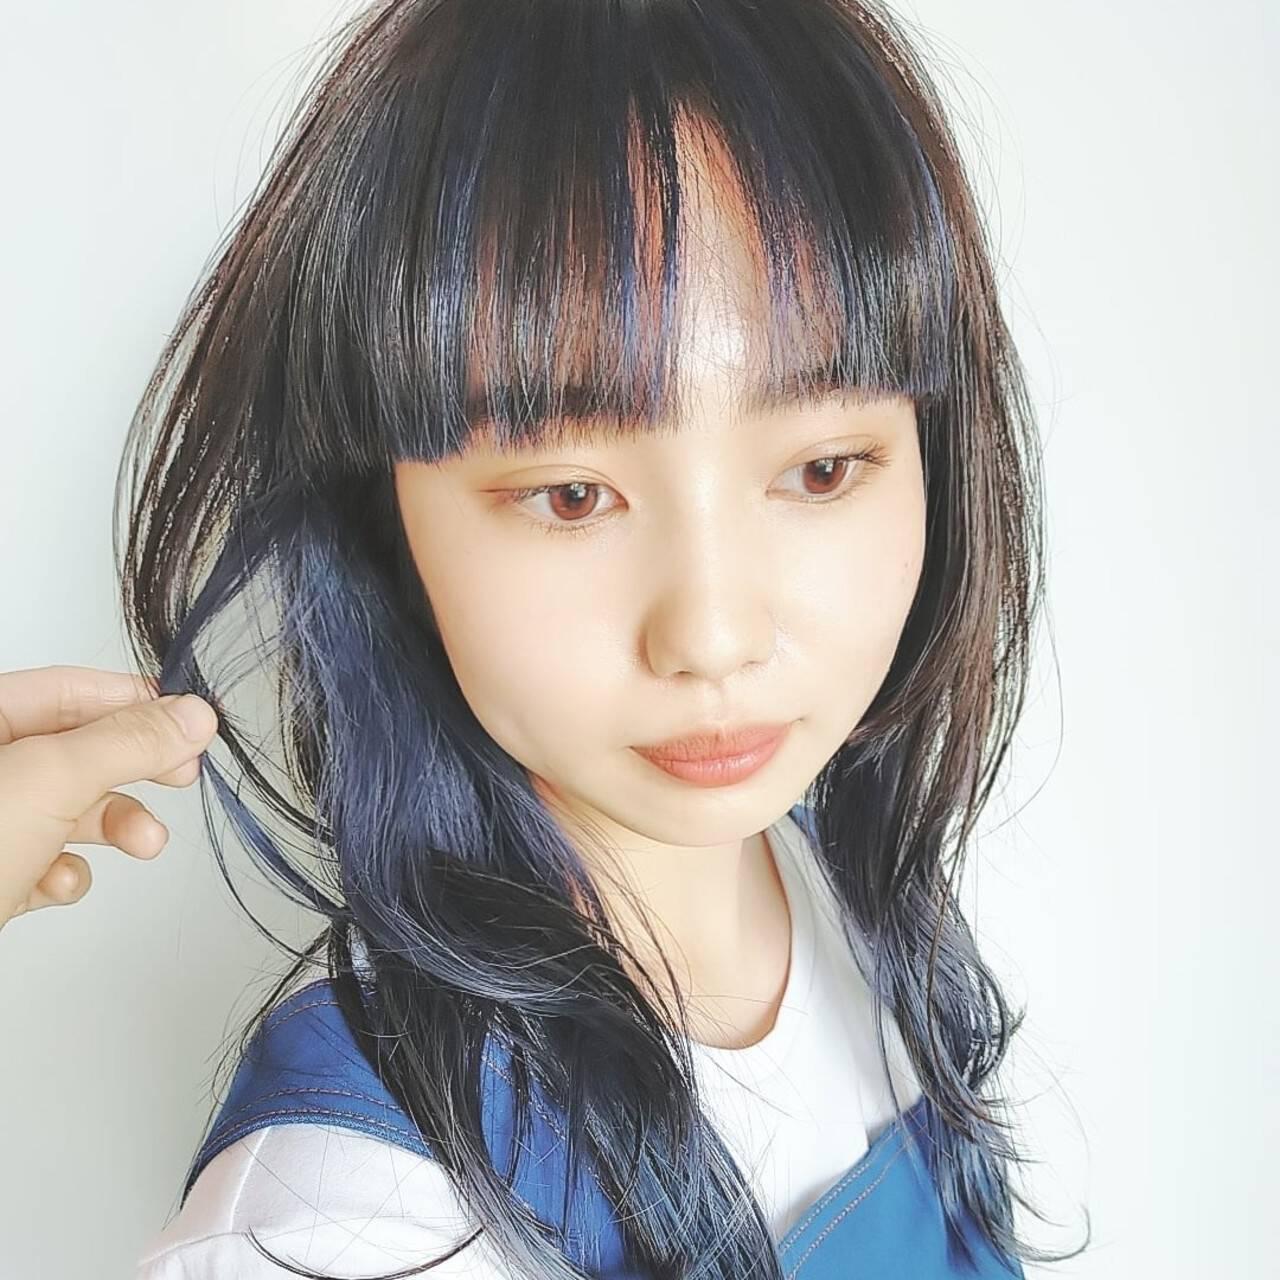 モード セミロング インナーカラー ウルフカットヘアスタイルや髪型の写真・画像